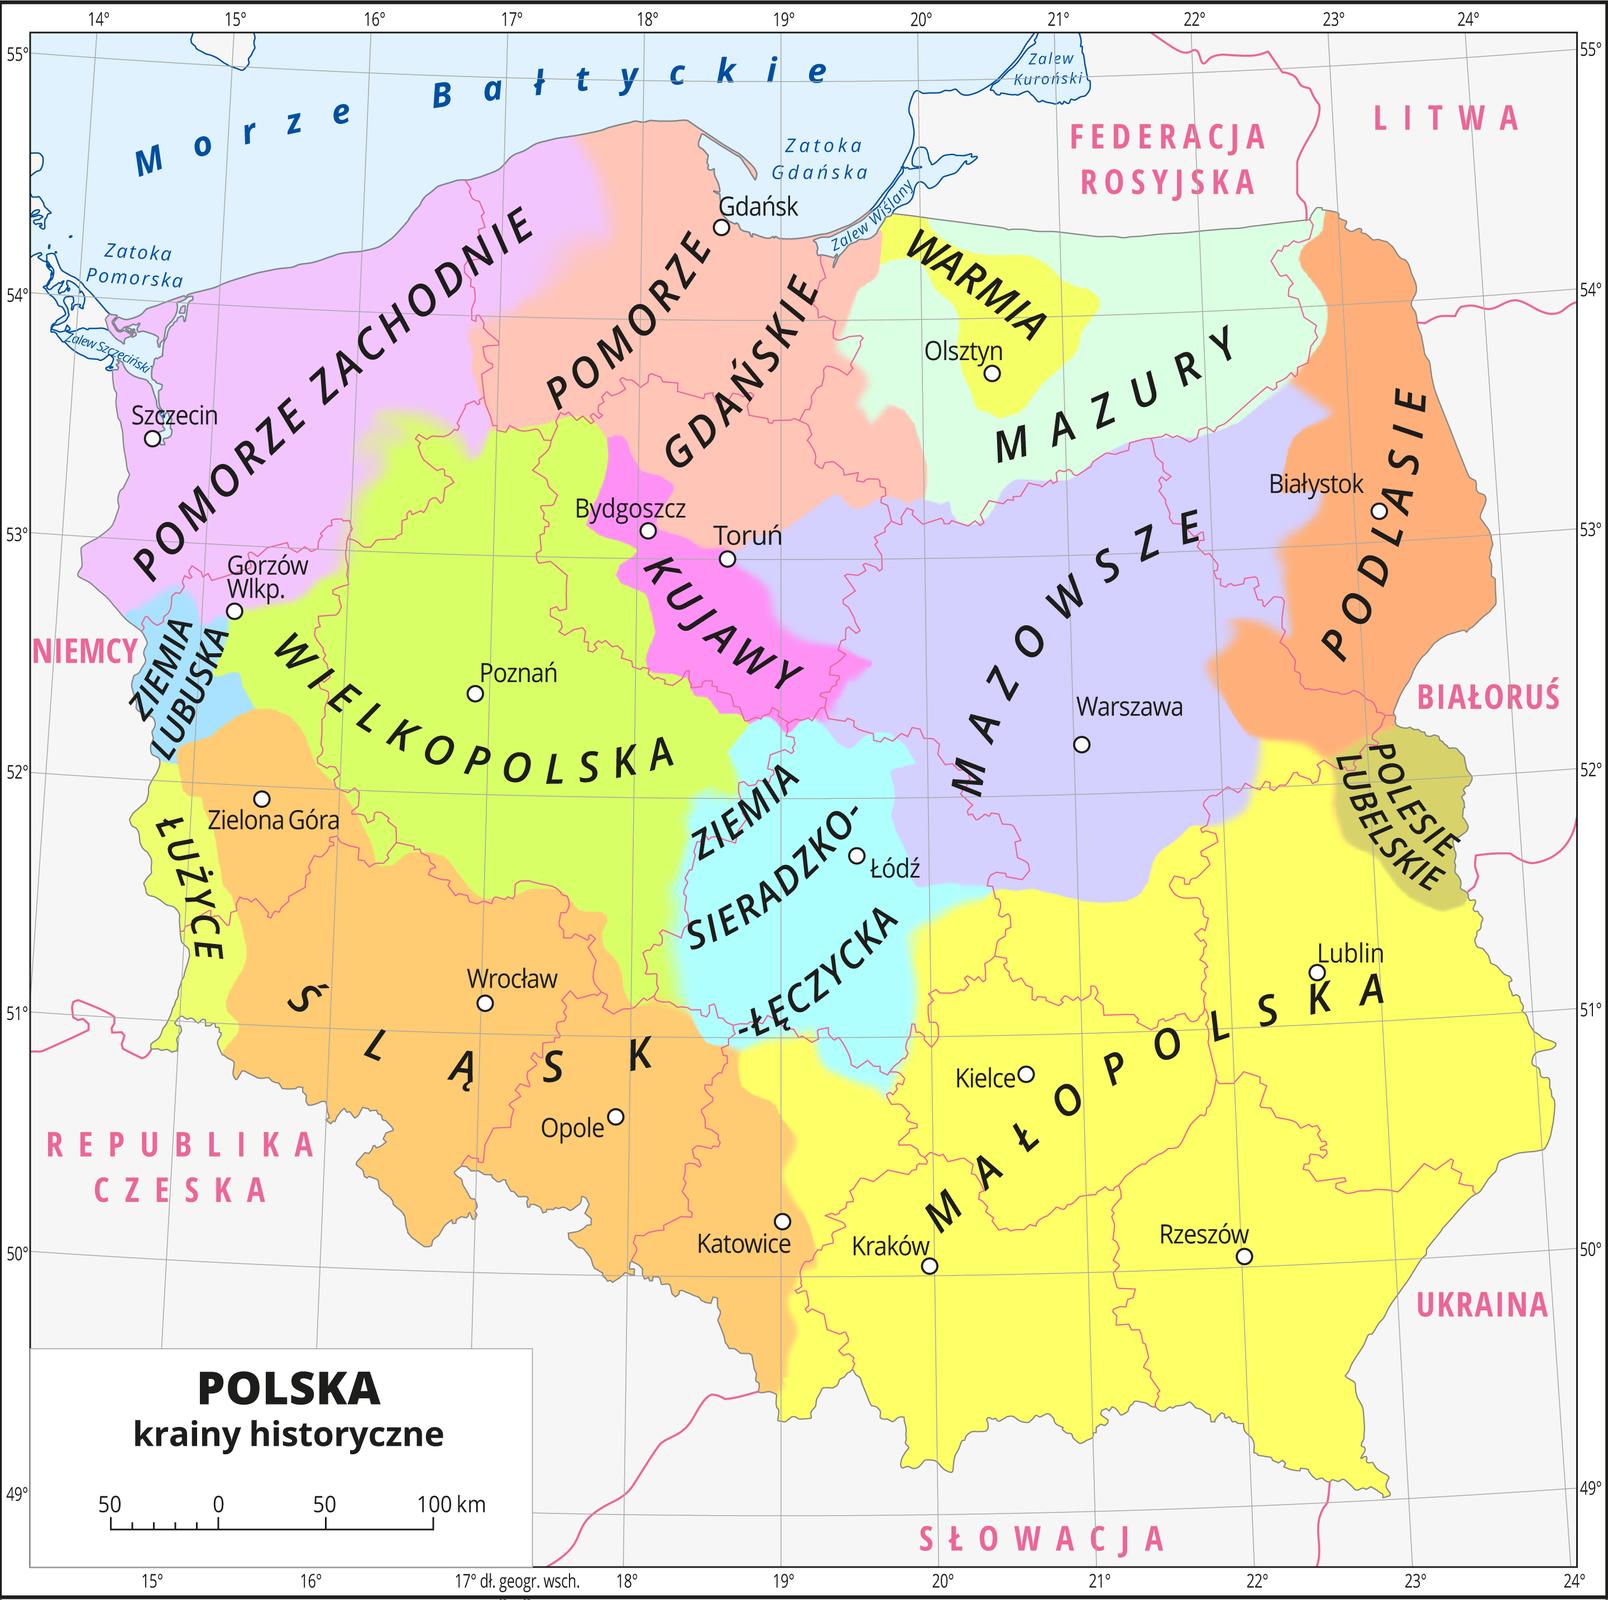 Mapa Polski prezentująca podział na krainy, które istniały wprzeszłości.